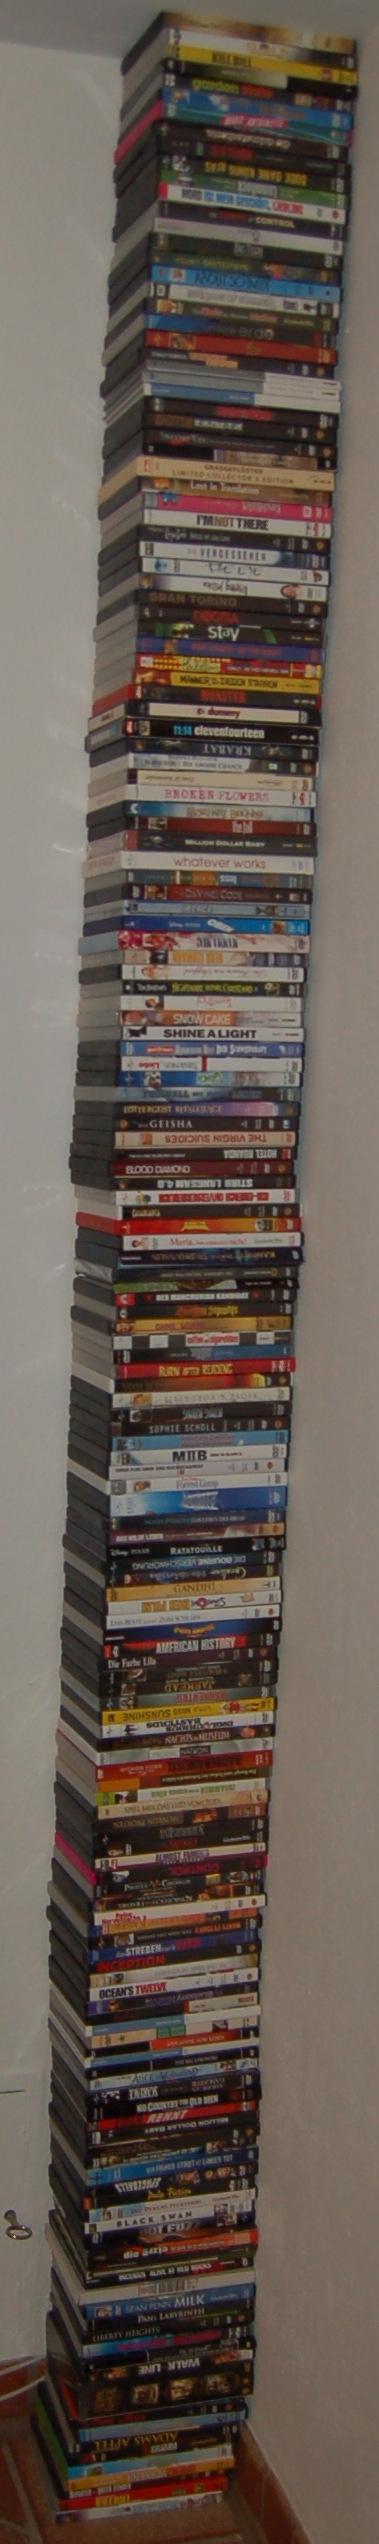 Spielfilm-DVDs